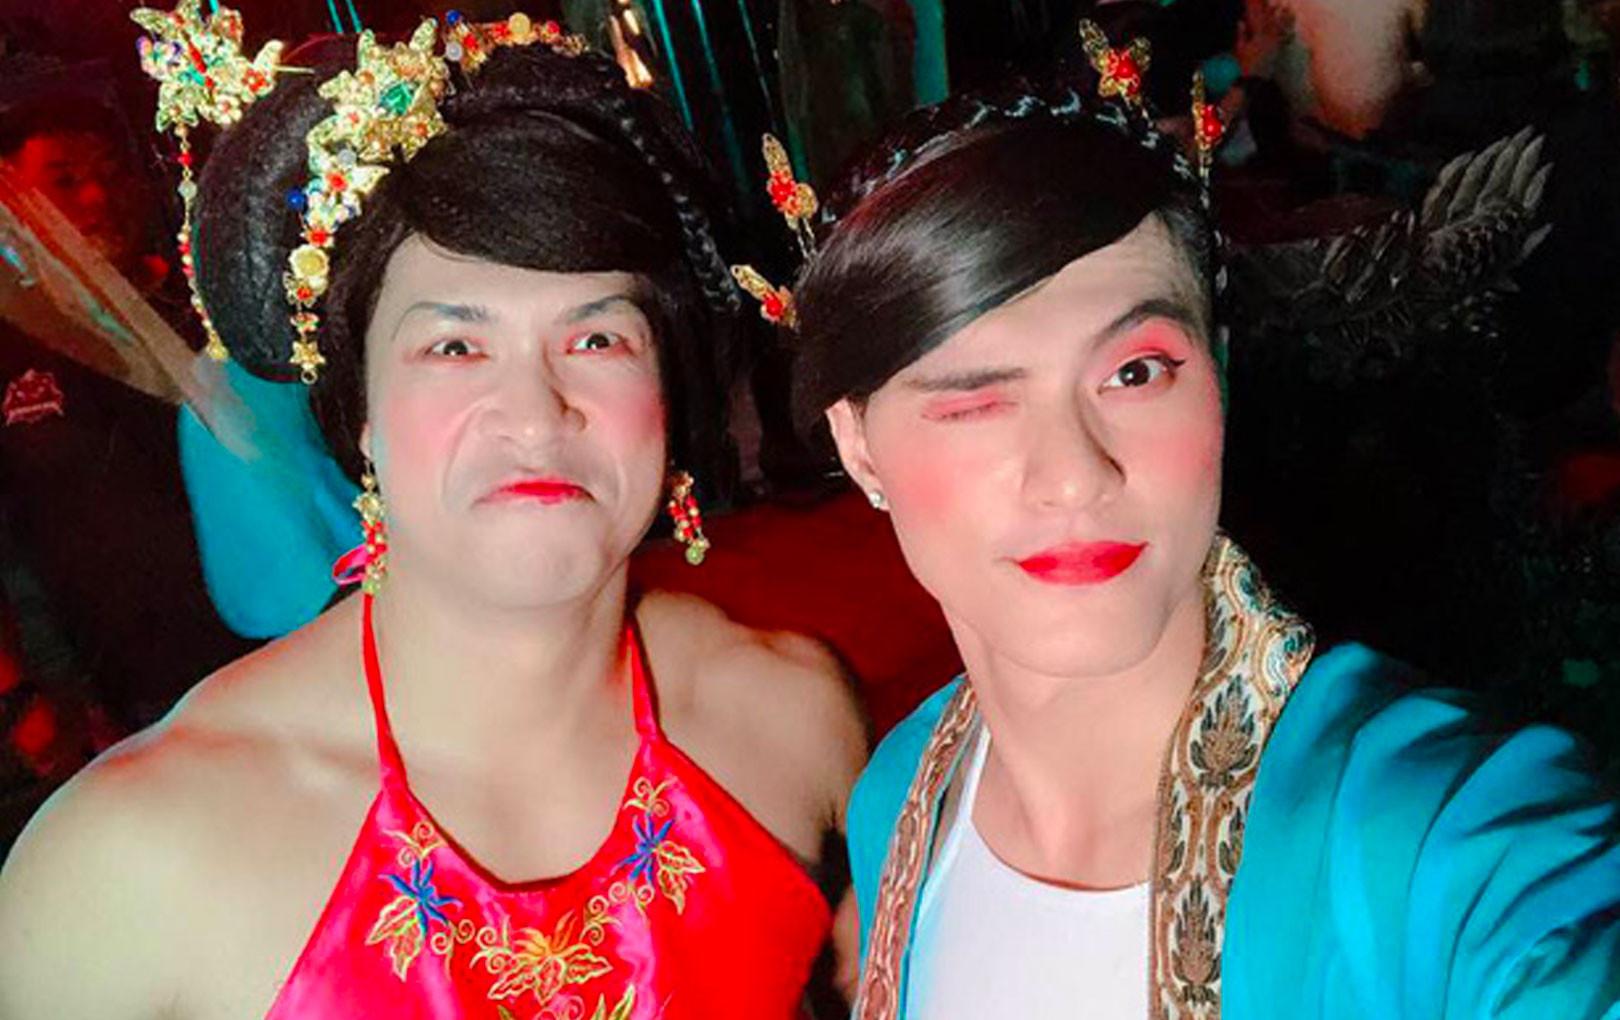 Chỉ góp mặt sương sương vài giây, Lâm Vinh Hải và Trương Thế Vinh khiến khán giả phải đứng hình vì giả gái quá... đẹp!